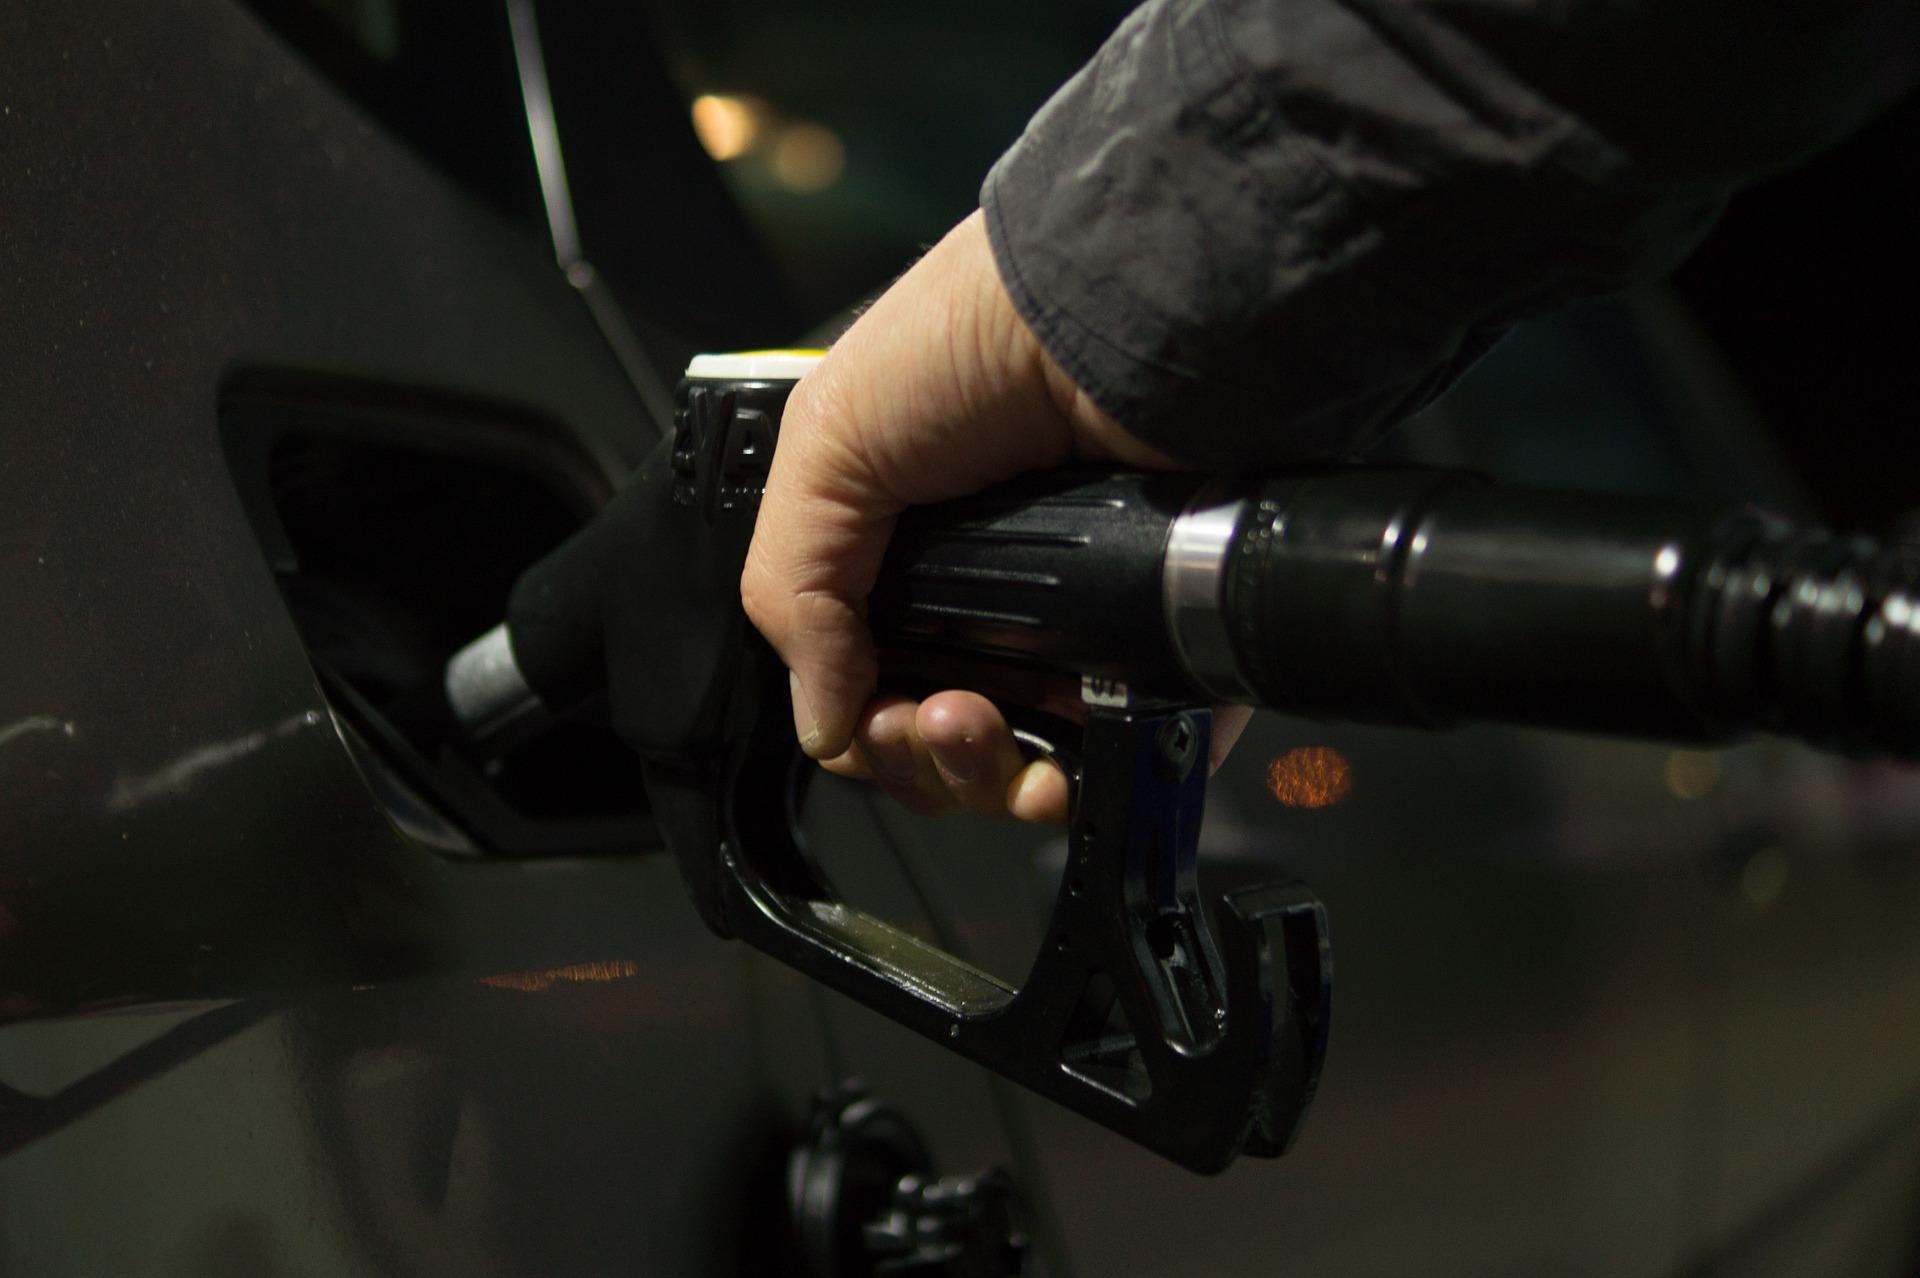 Je vaš avto žejen? Preberite, kako lahko prihranite na gorivu